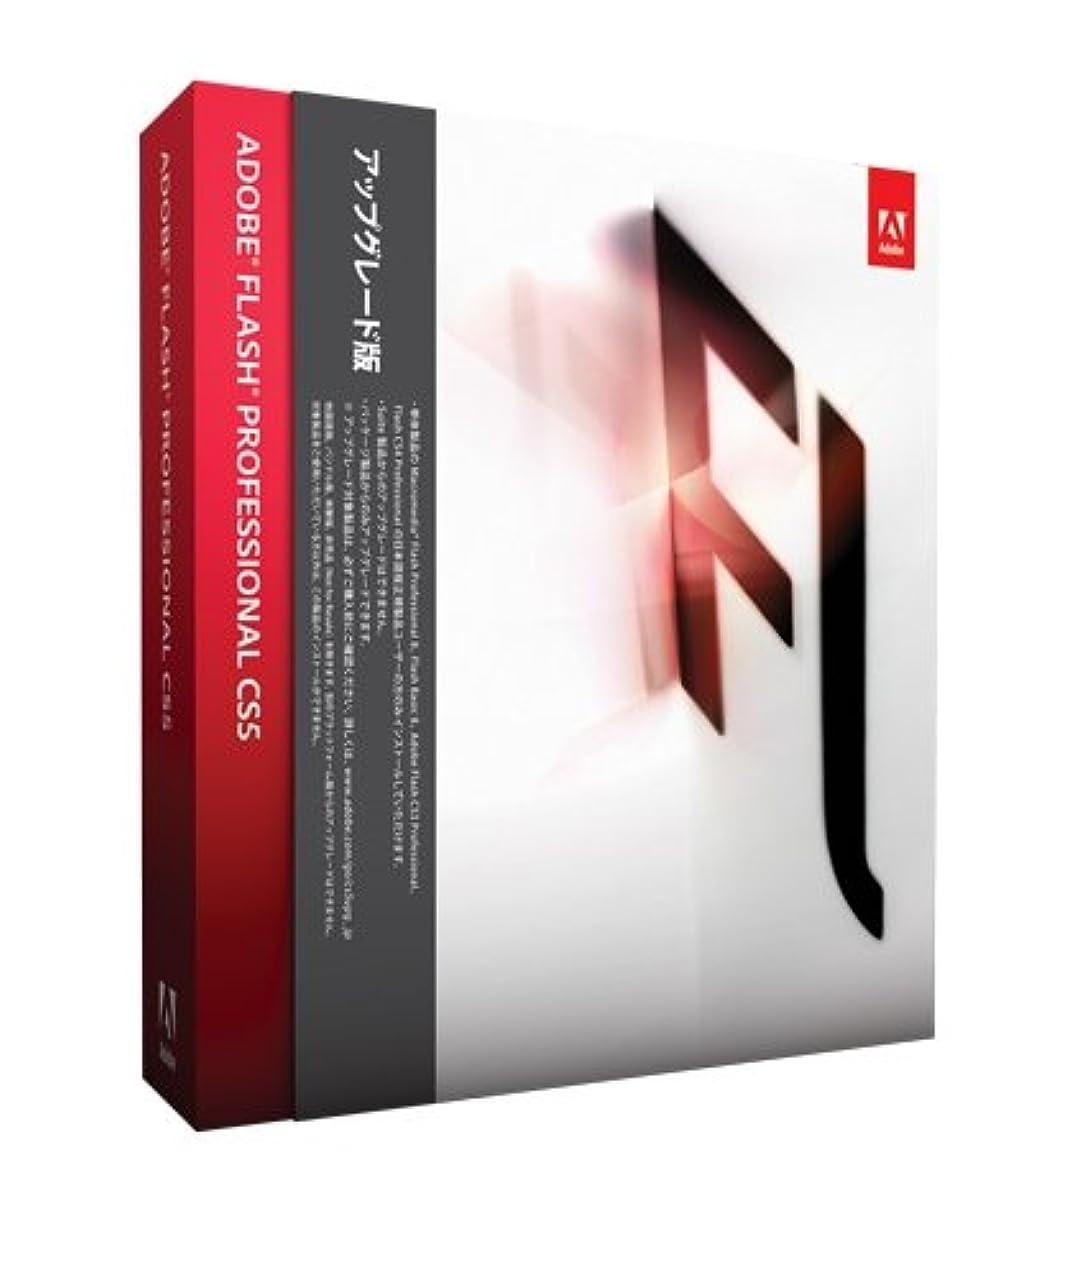 飛び込む精神腕Adobe Flash Professional CS5 アップグレード版 Macintosh版 (旧製品)